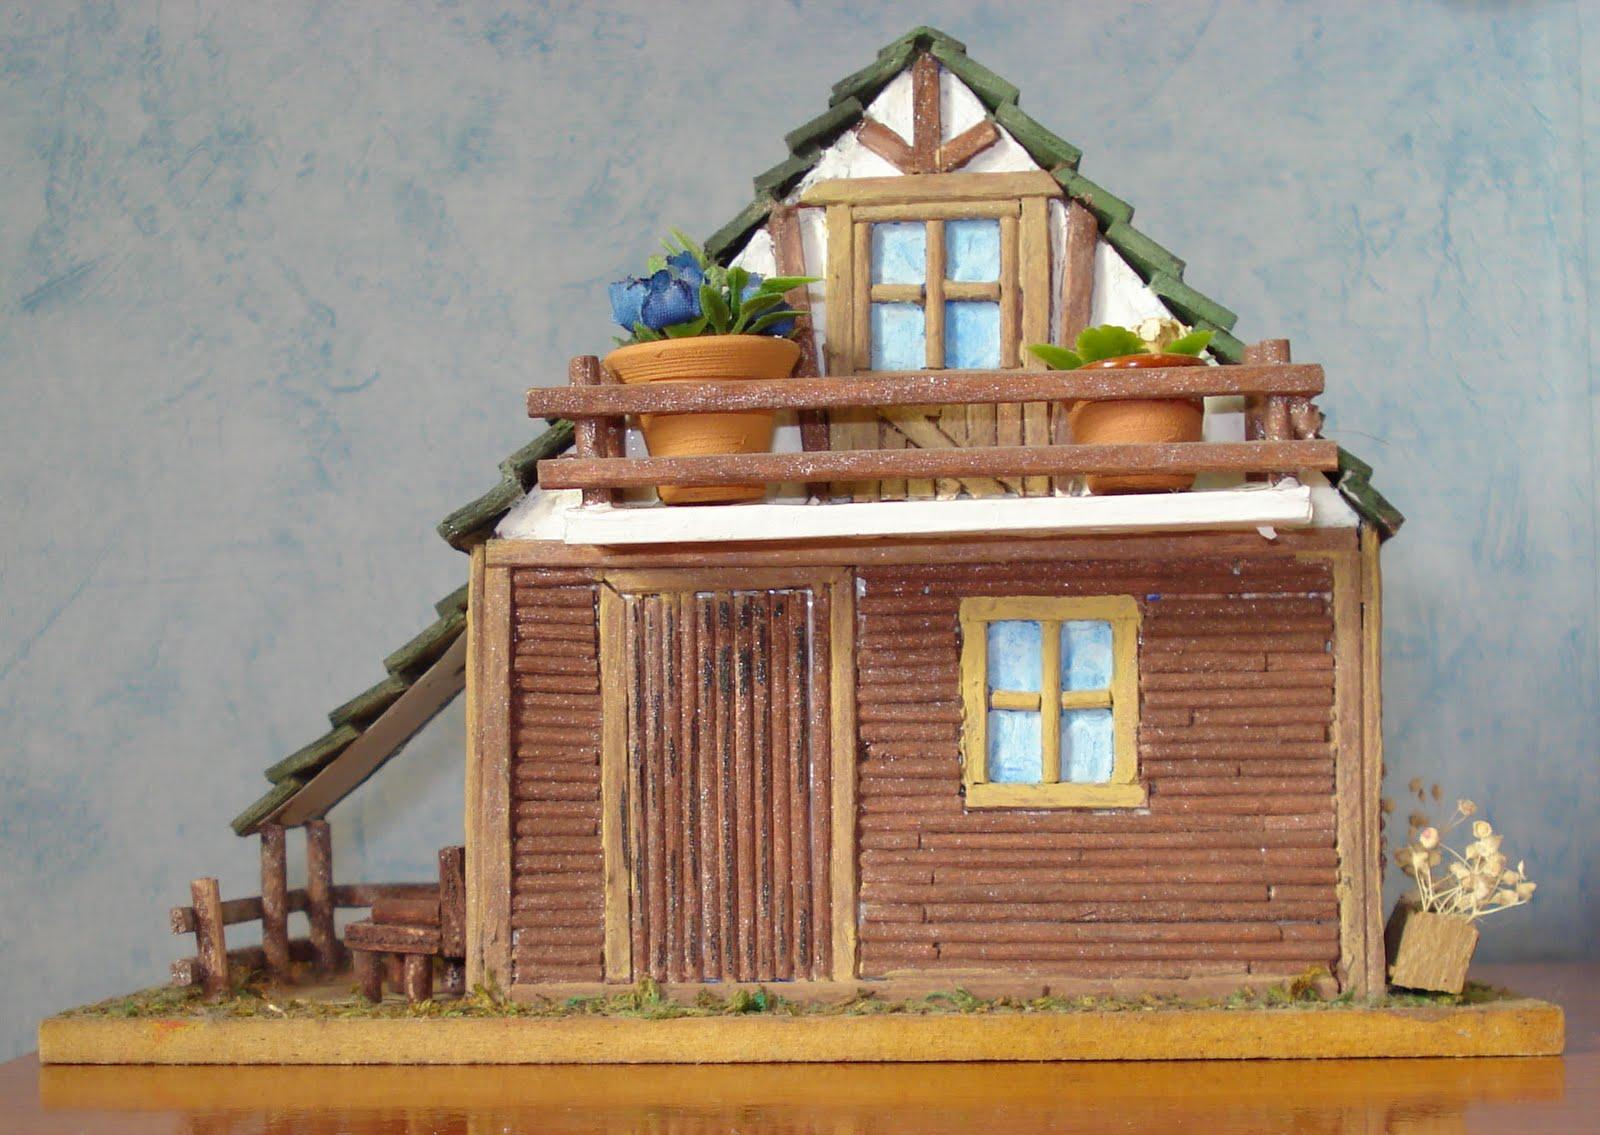 Manualidades Y Otros Entretenimientos Como Hacer Una Casa Con Papel - Casa-de-manualidades